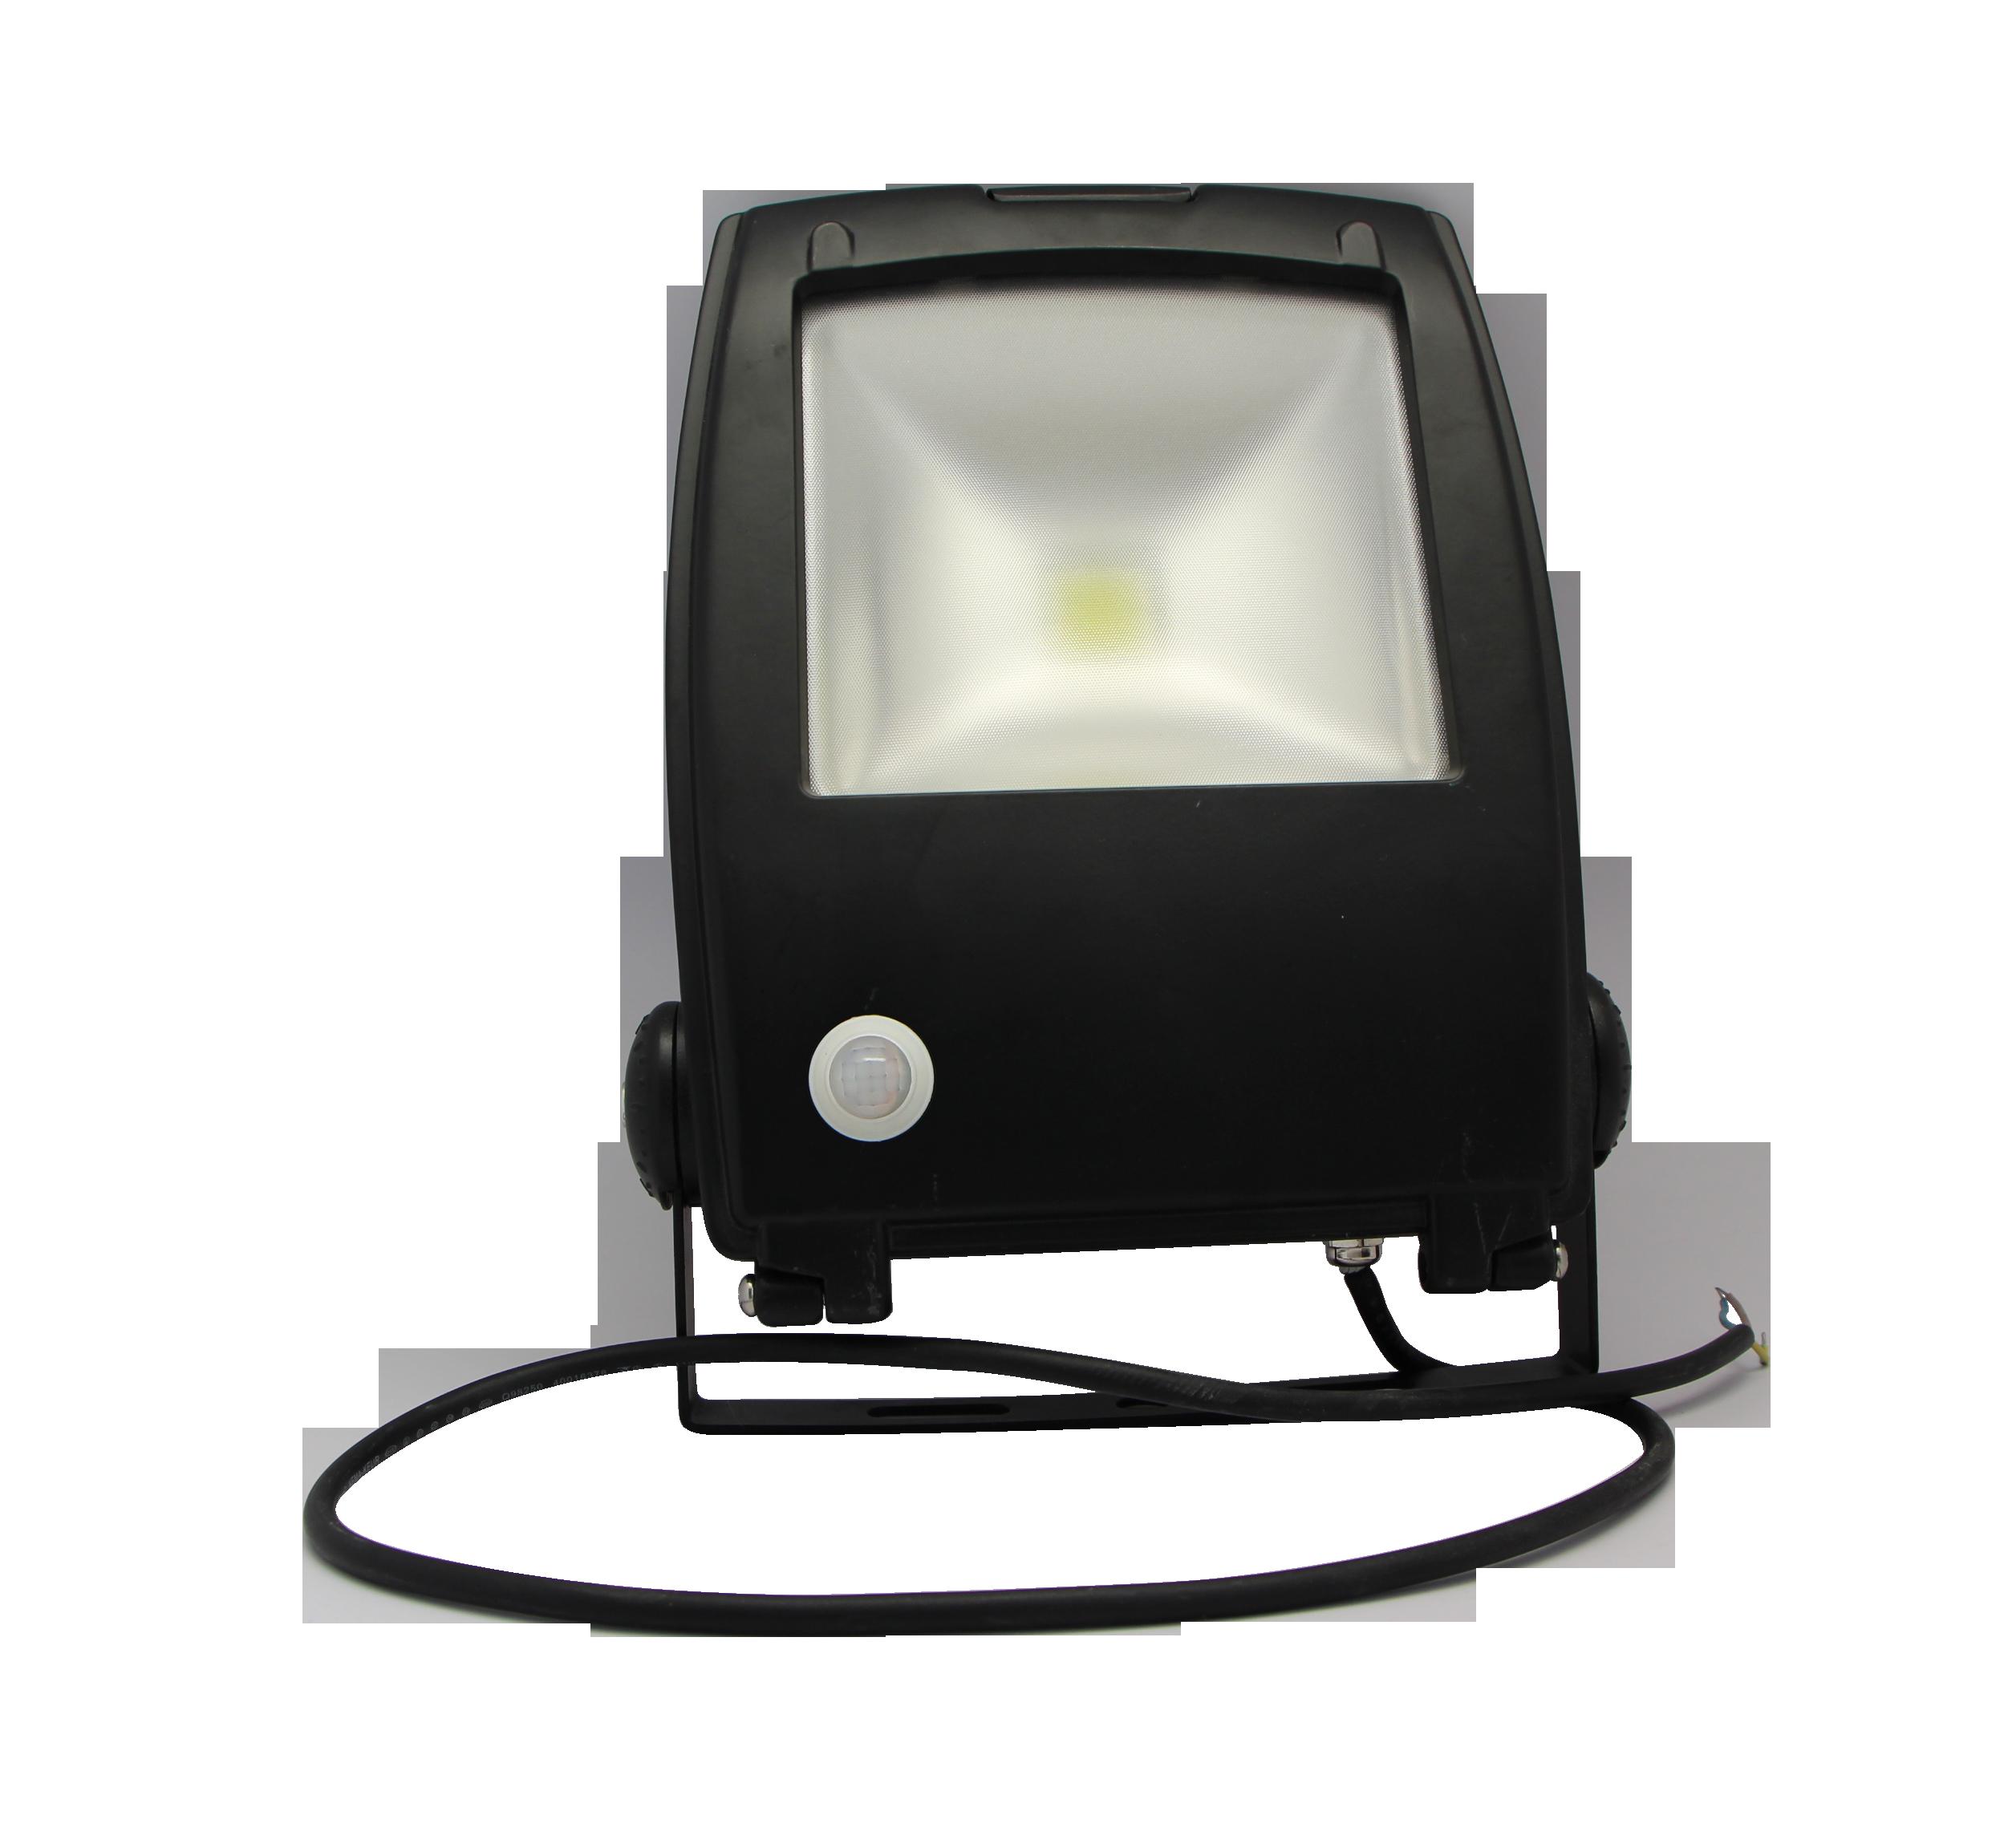 LED FLOOD LIGHT - 30W - 6400K - WITH SENSOR - A